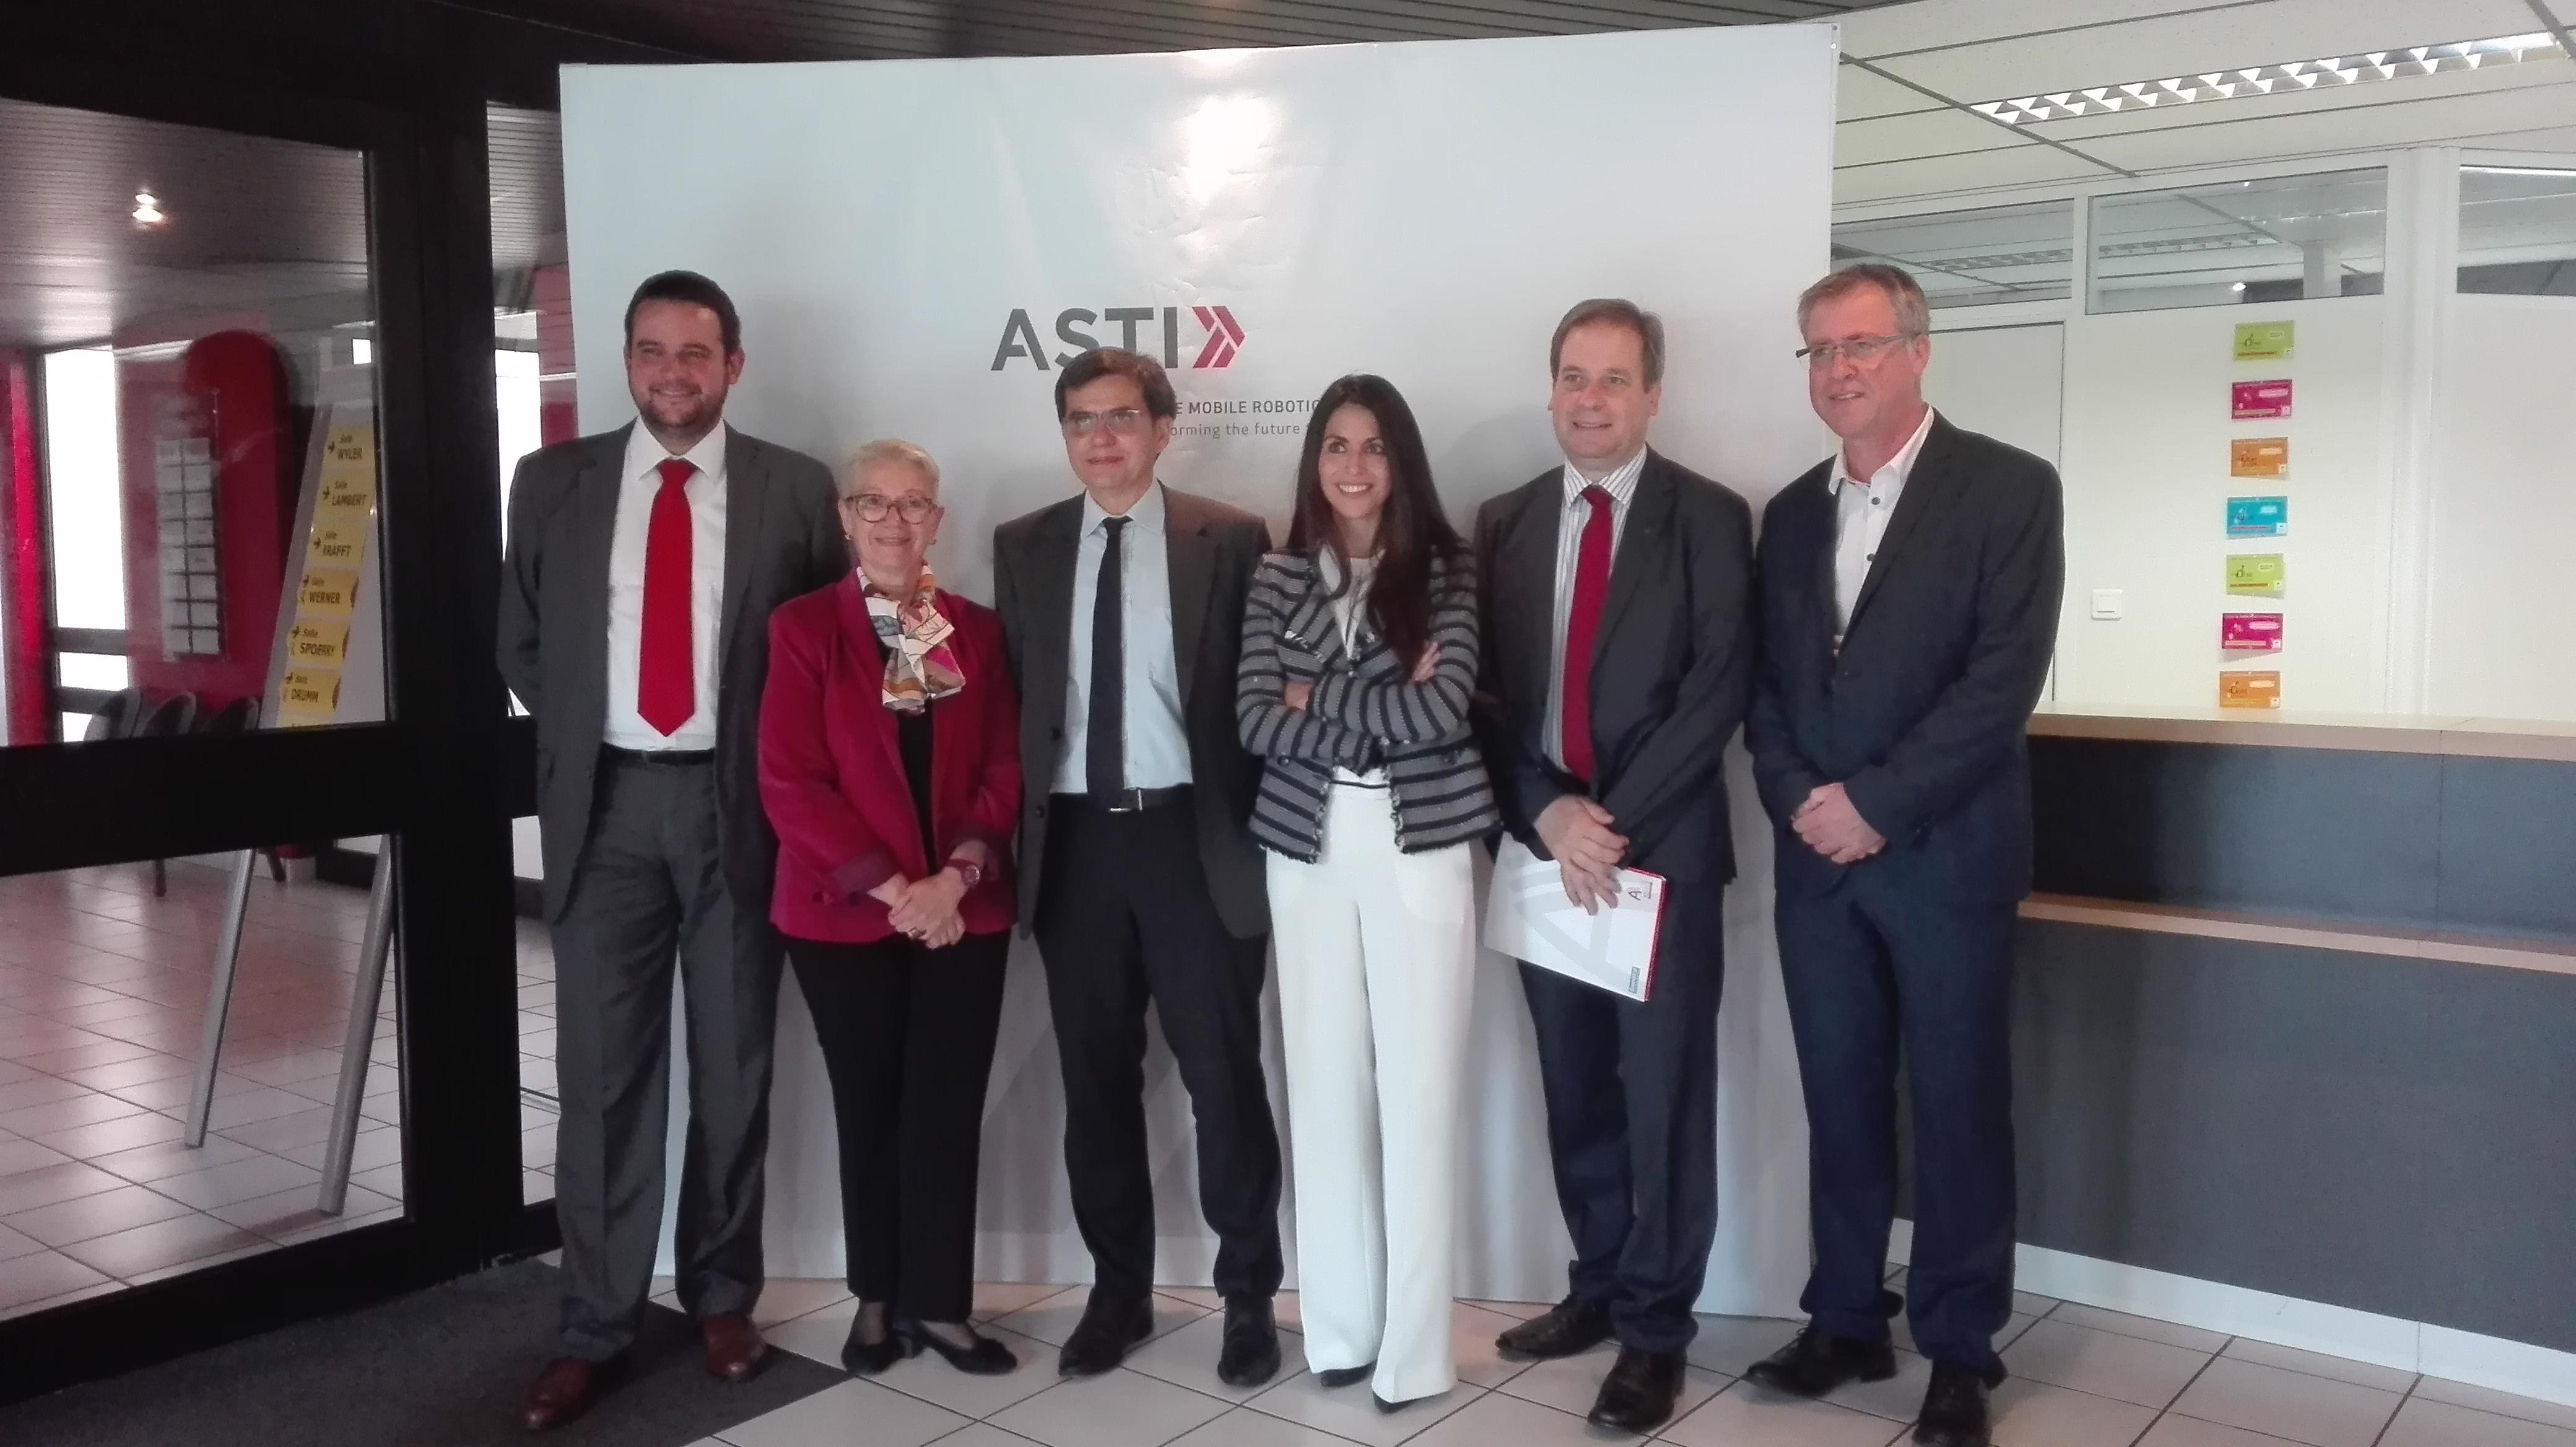 ASTI inaugure en France sa première filiale européenne afin de renforcer la qualité et la proximité de son service clientèle